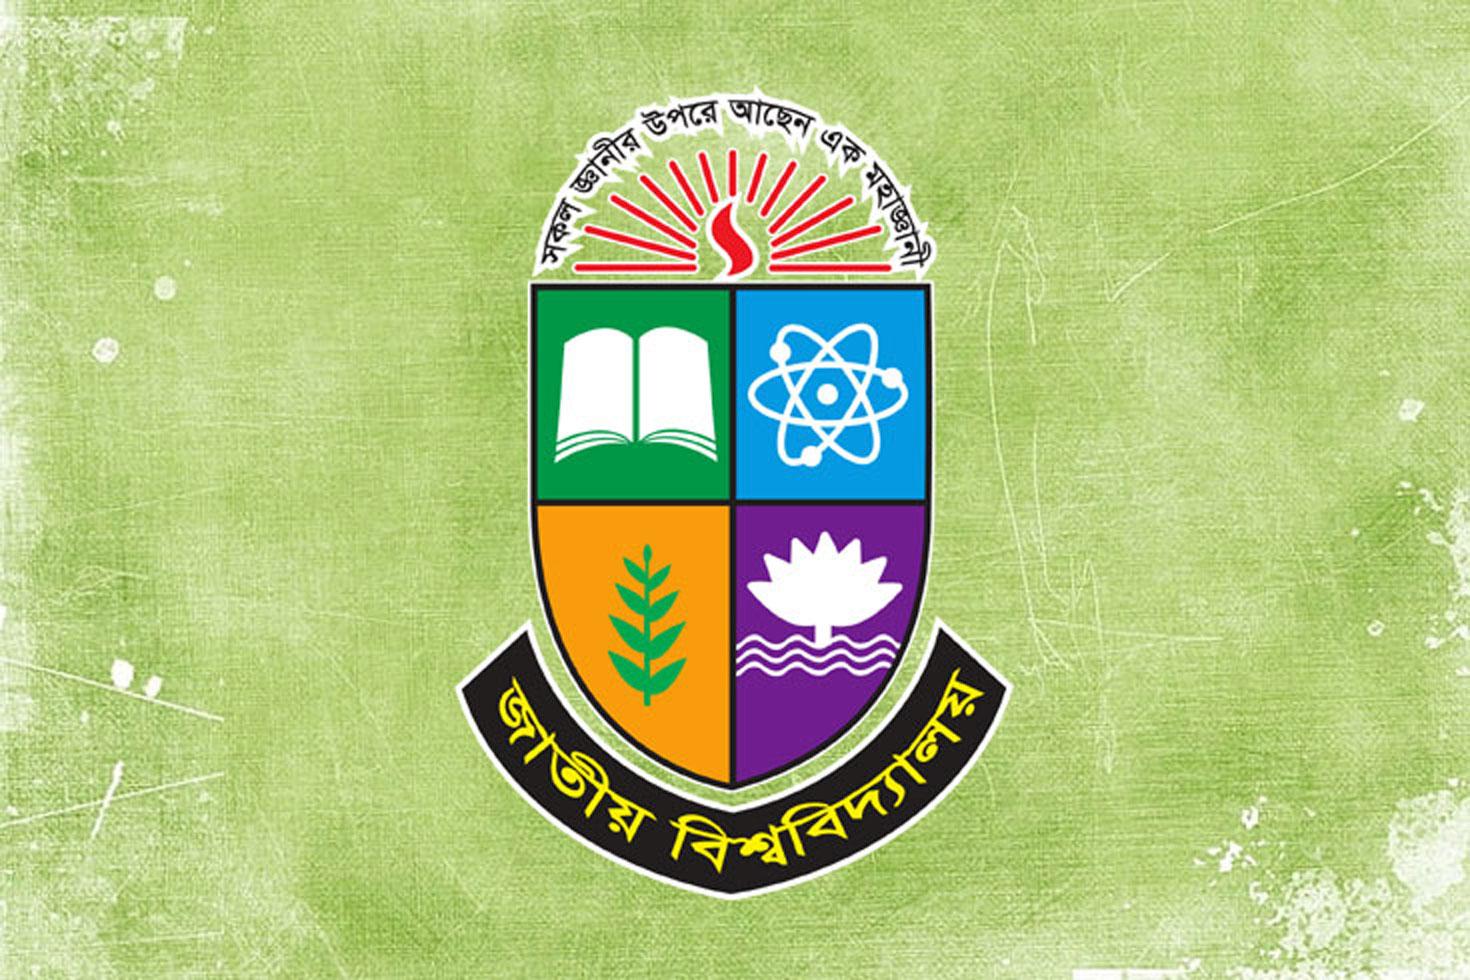 পরিচালক নিচ্ছে জাতীয় বিশ্ববিদ্যালয়